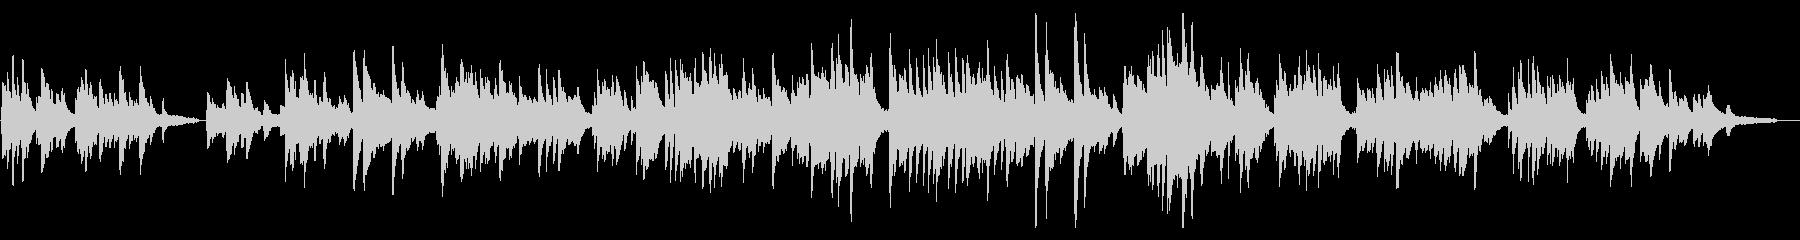 感動的な場で使えるピアノソロ曲の未再生の波形